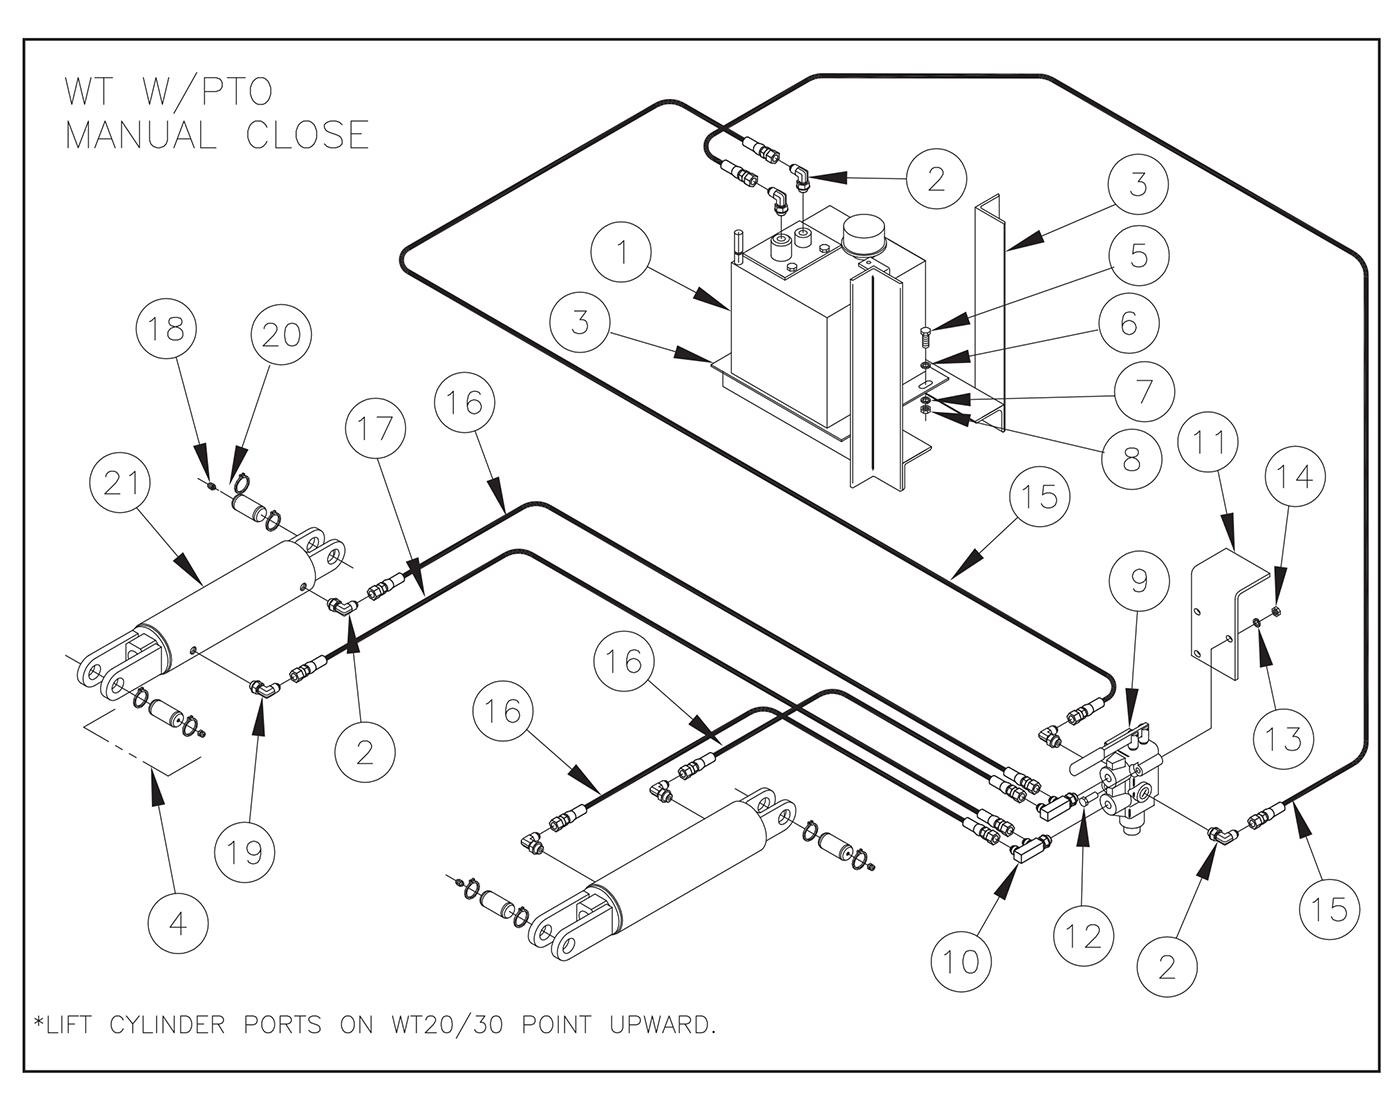 interlift wiring diagram schematics online 2008 dodge grand caravan wiring diagram interlift wiring diagram wiring diagram